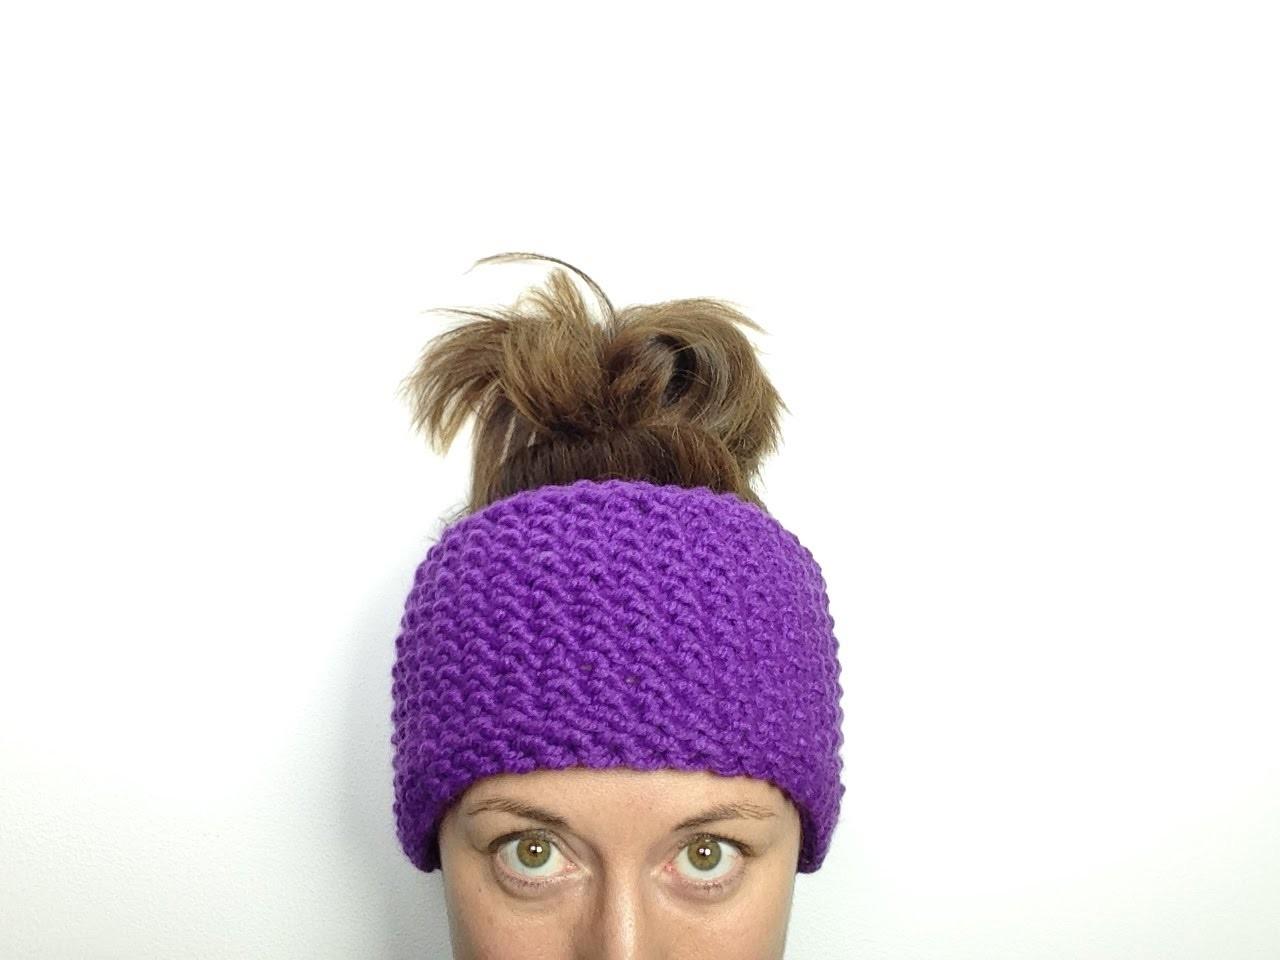 Cómo tejer con telar una cinta calentadora. diadema de lana en punto de arroz (Tutorial DIY)